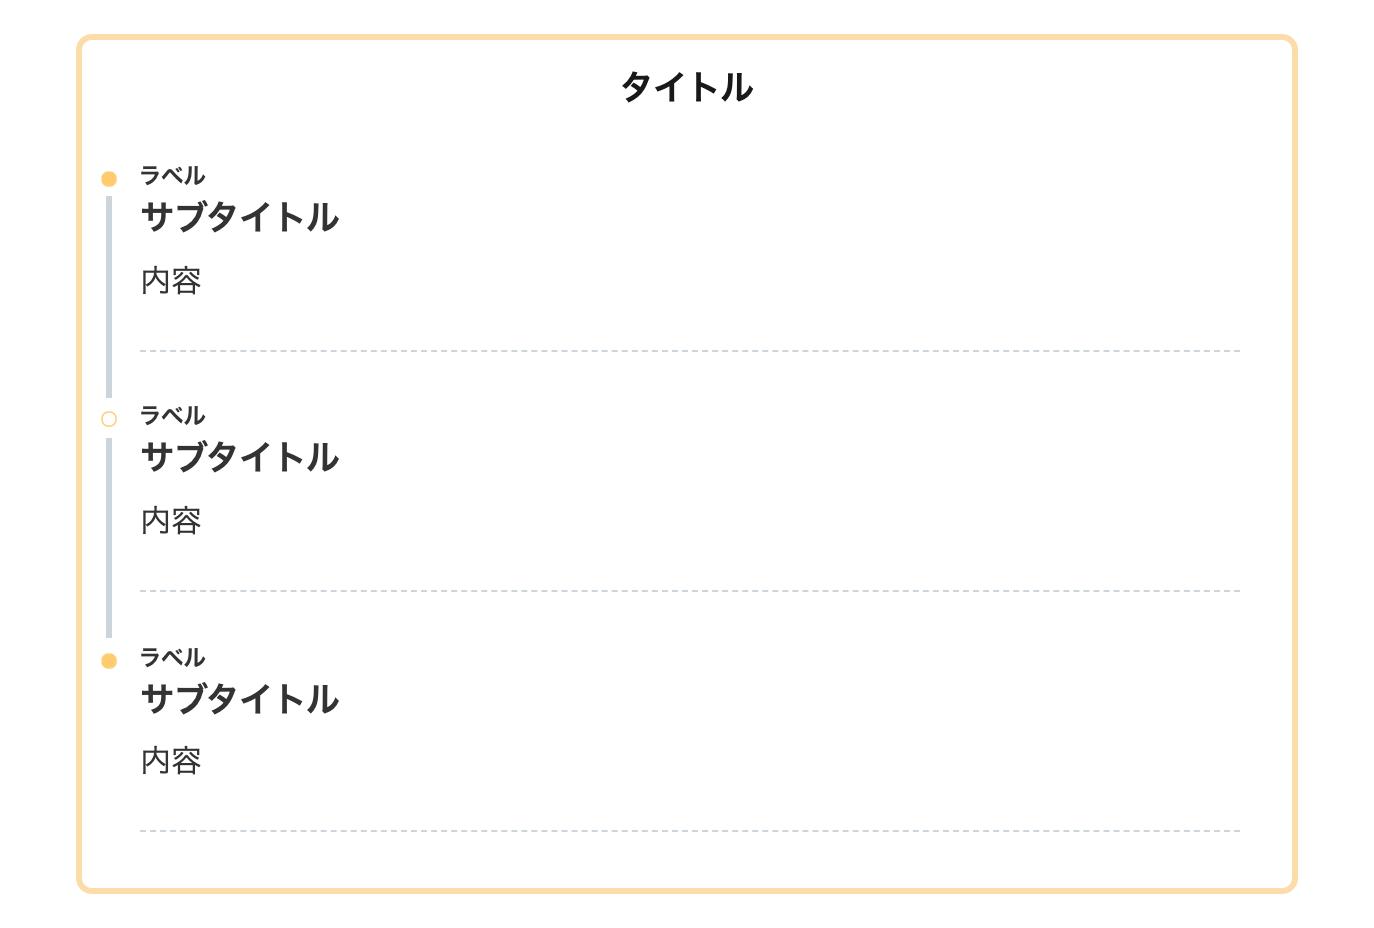 シンプルタイムライン(枠あり・角丸)